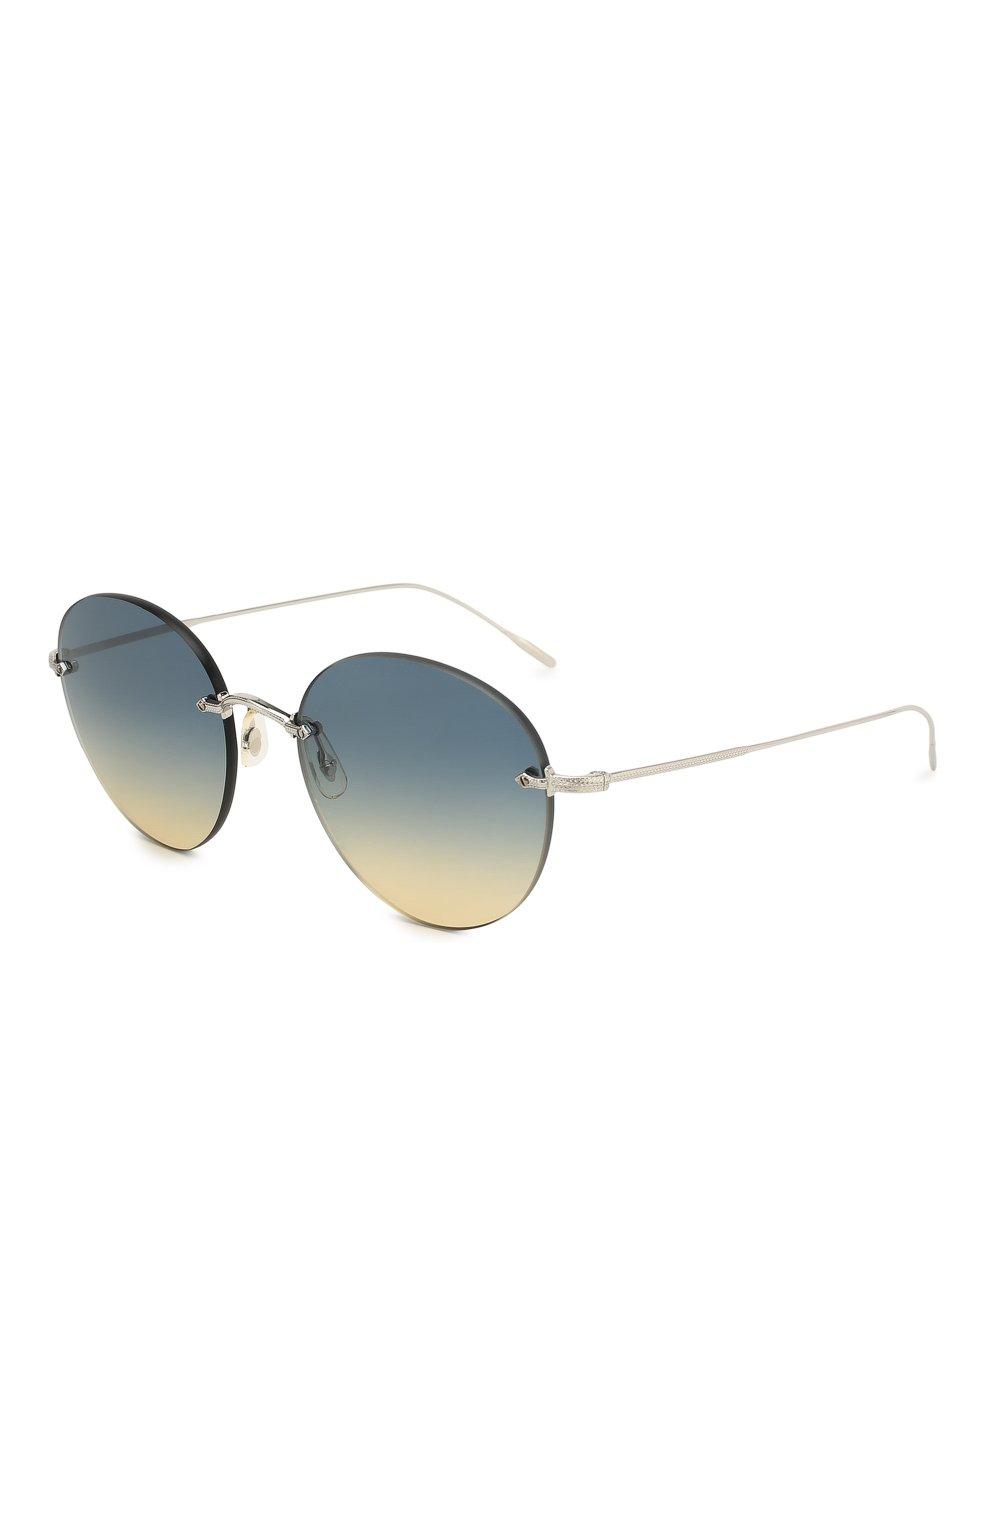 Женские солнцезащитные очки OLIVER PEOPLES синего цвета, арт. 1264S-503679 | Фото 1